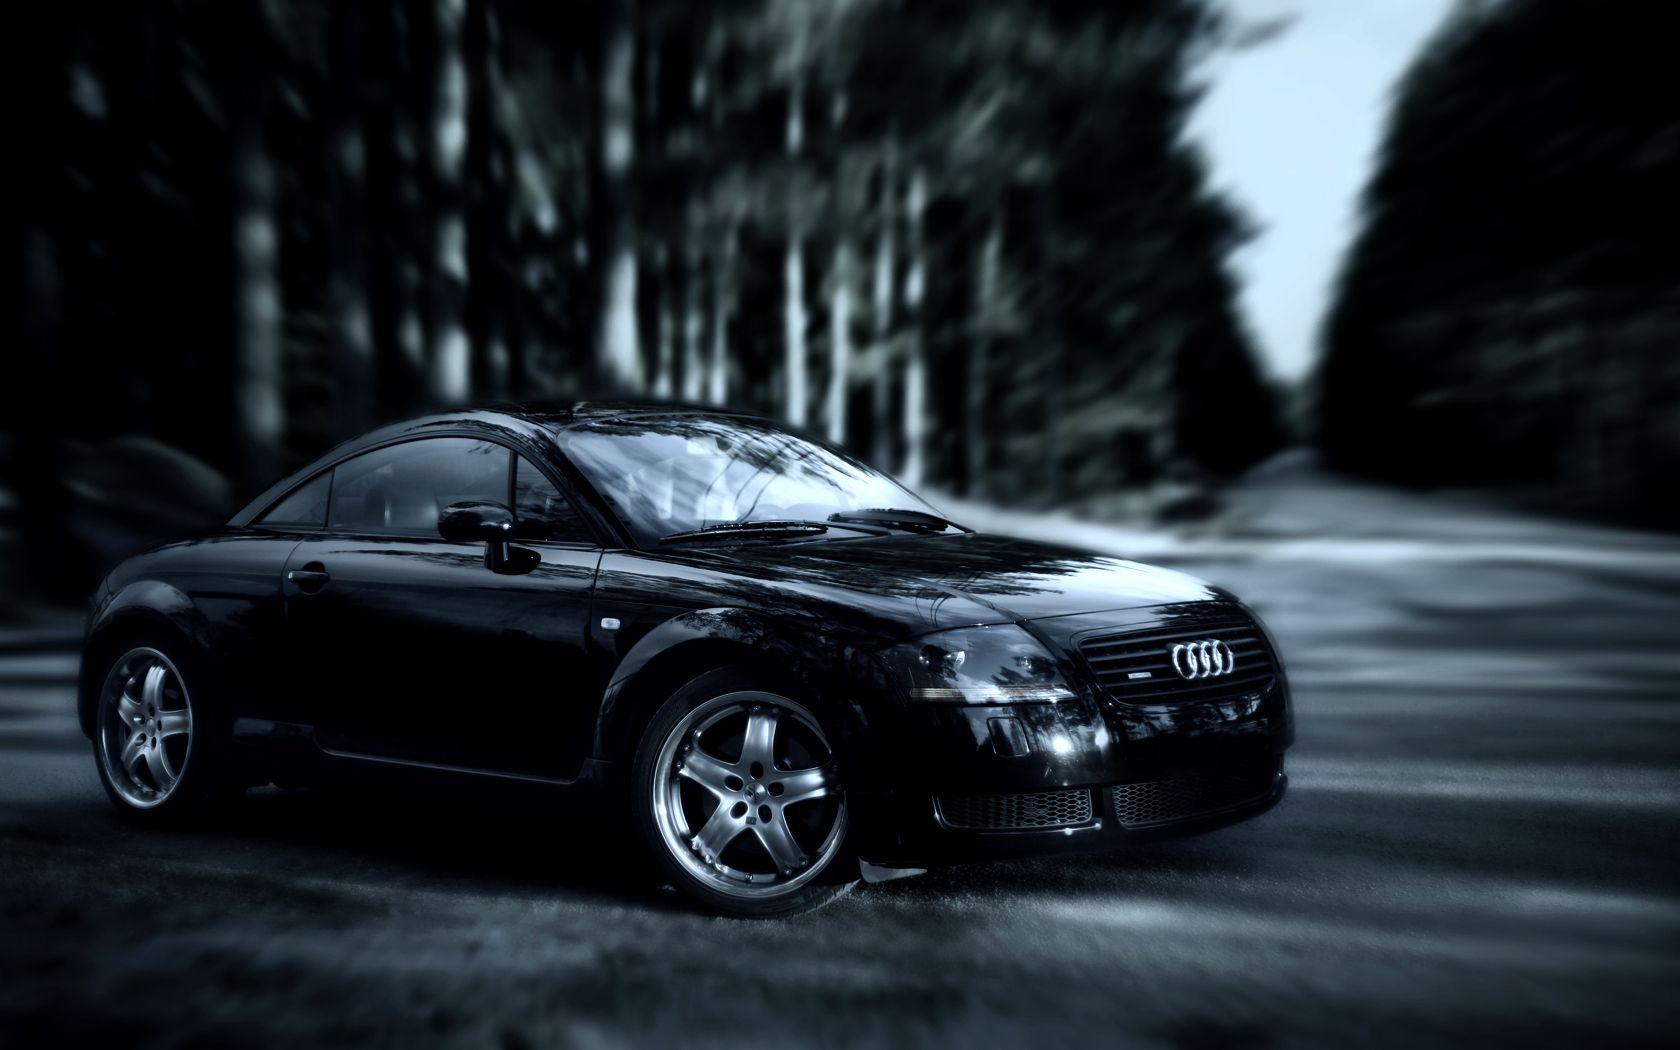 Audi Tt Wallpapers Milkita Audi Tt Audi Black Audi